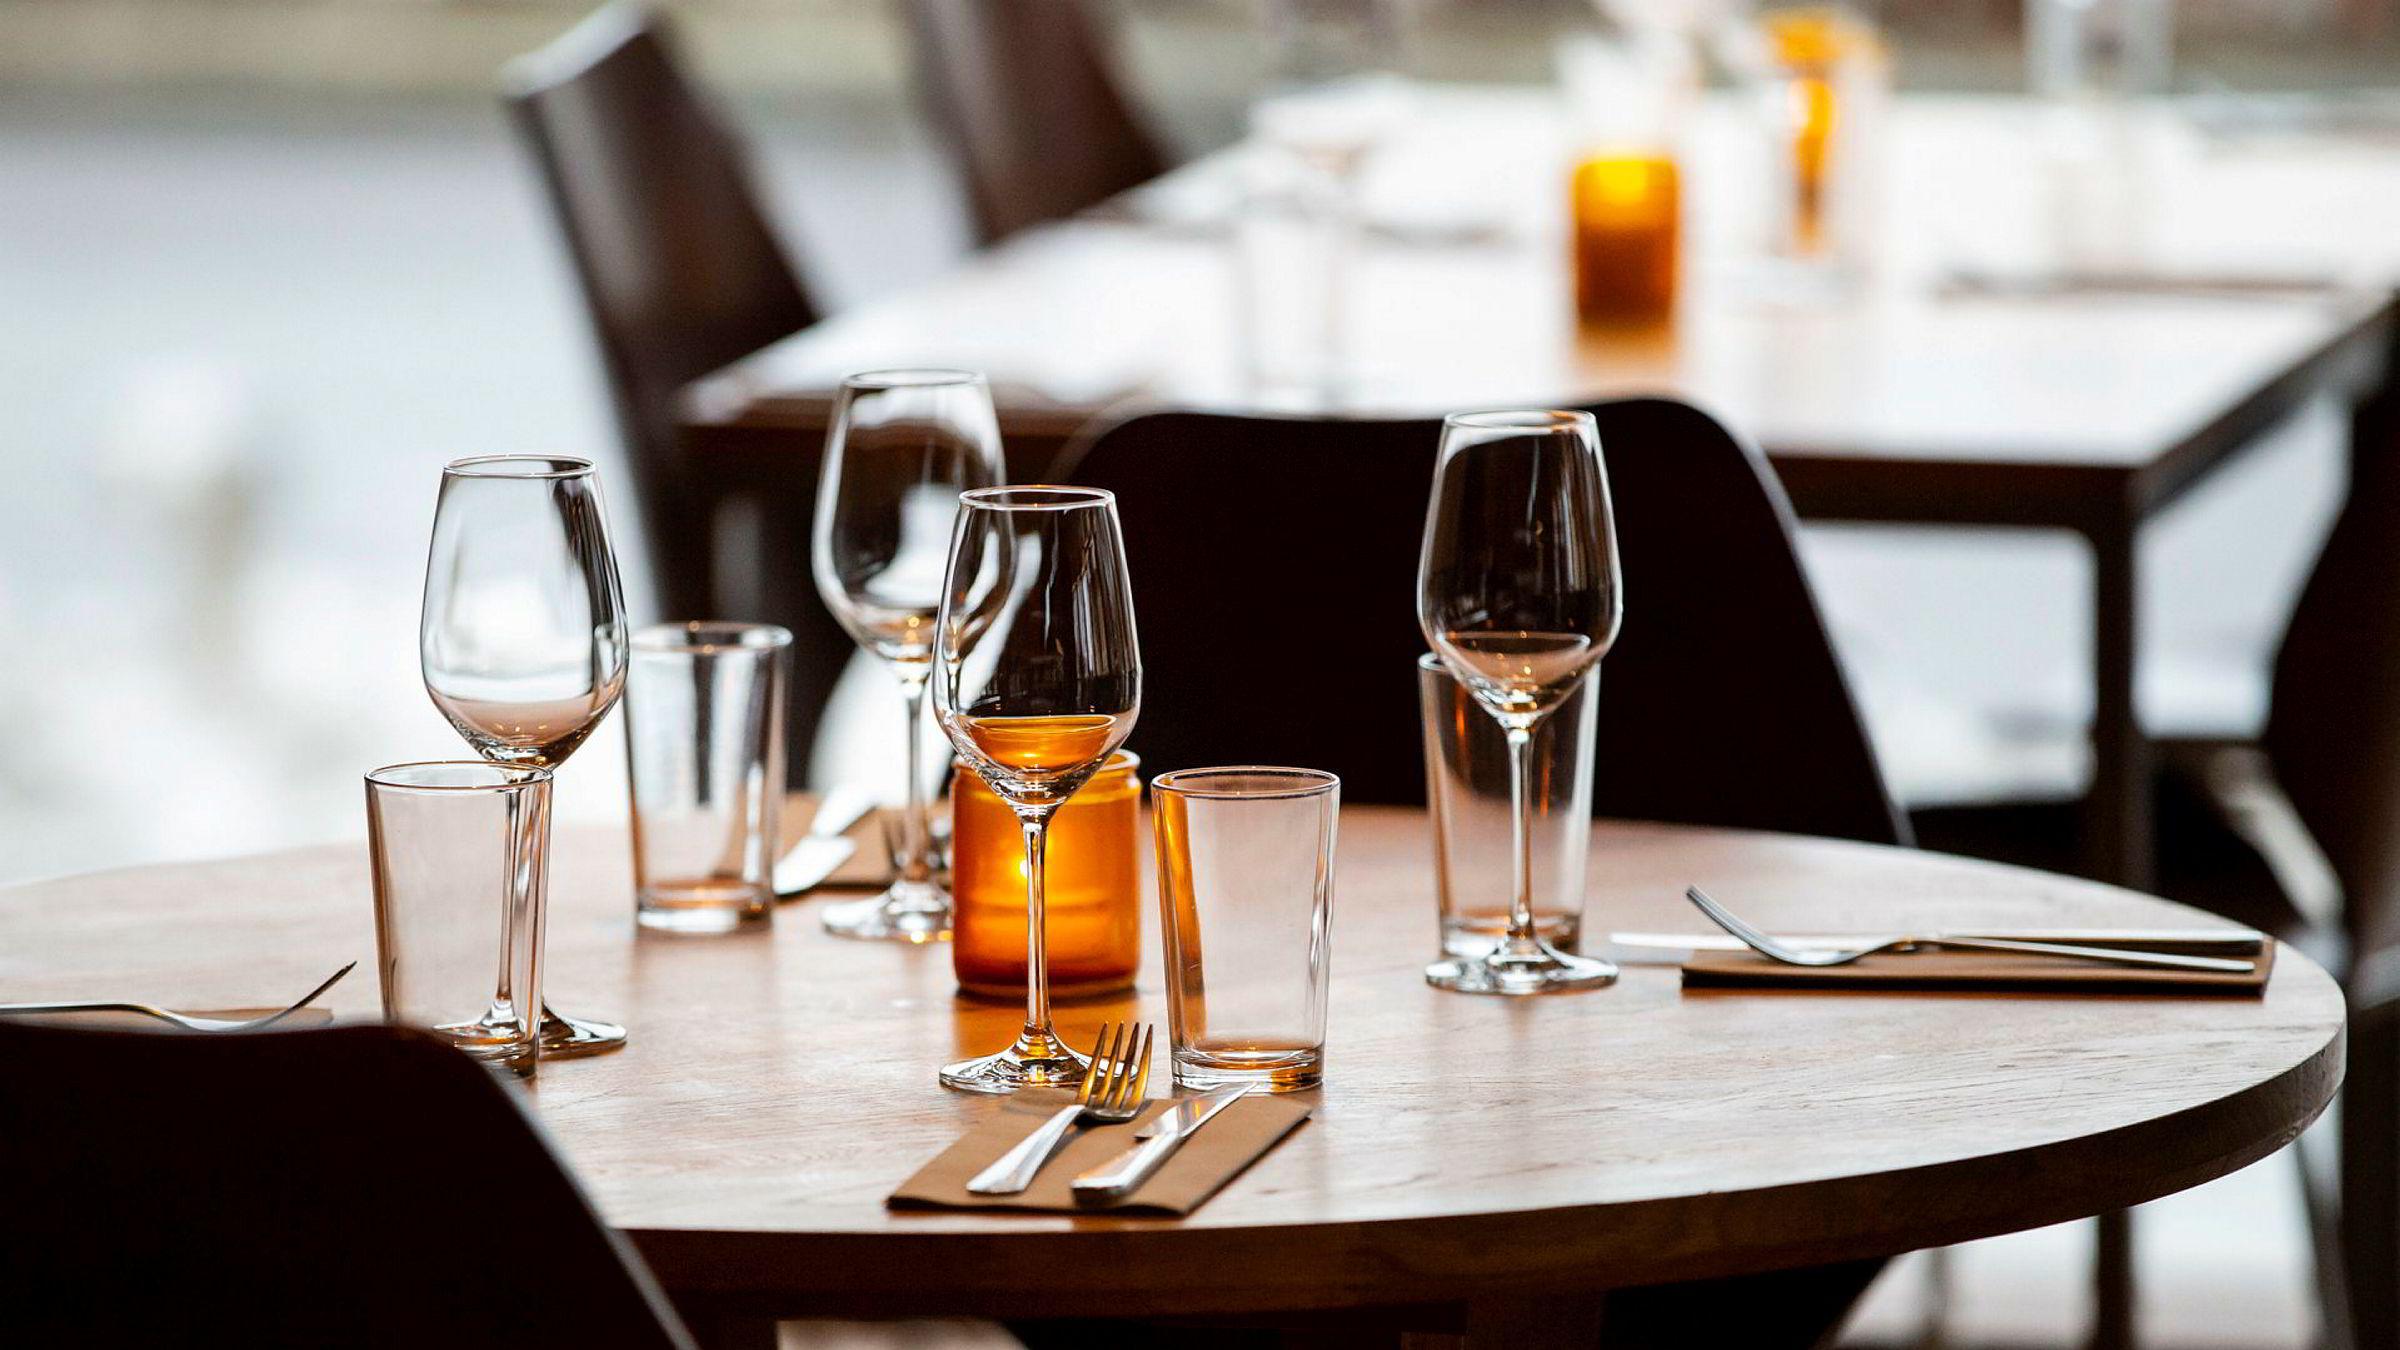 For restauranter kan lønnssubsidie være en god løsning, skriver artikkelforfatteren.